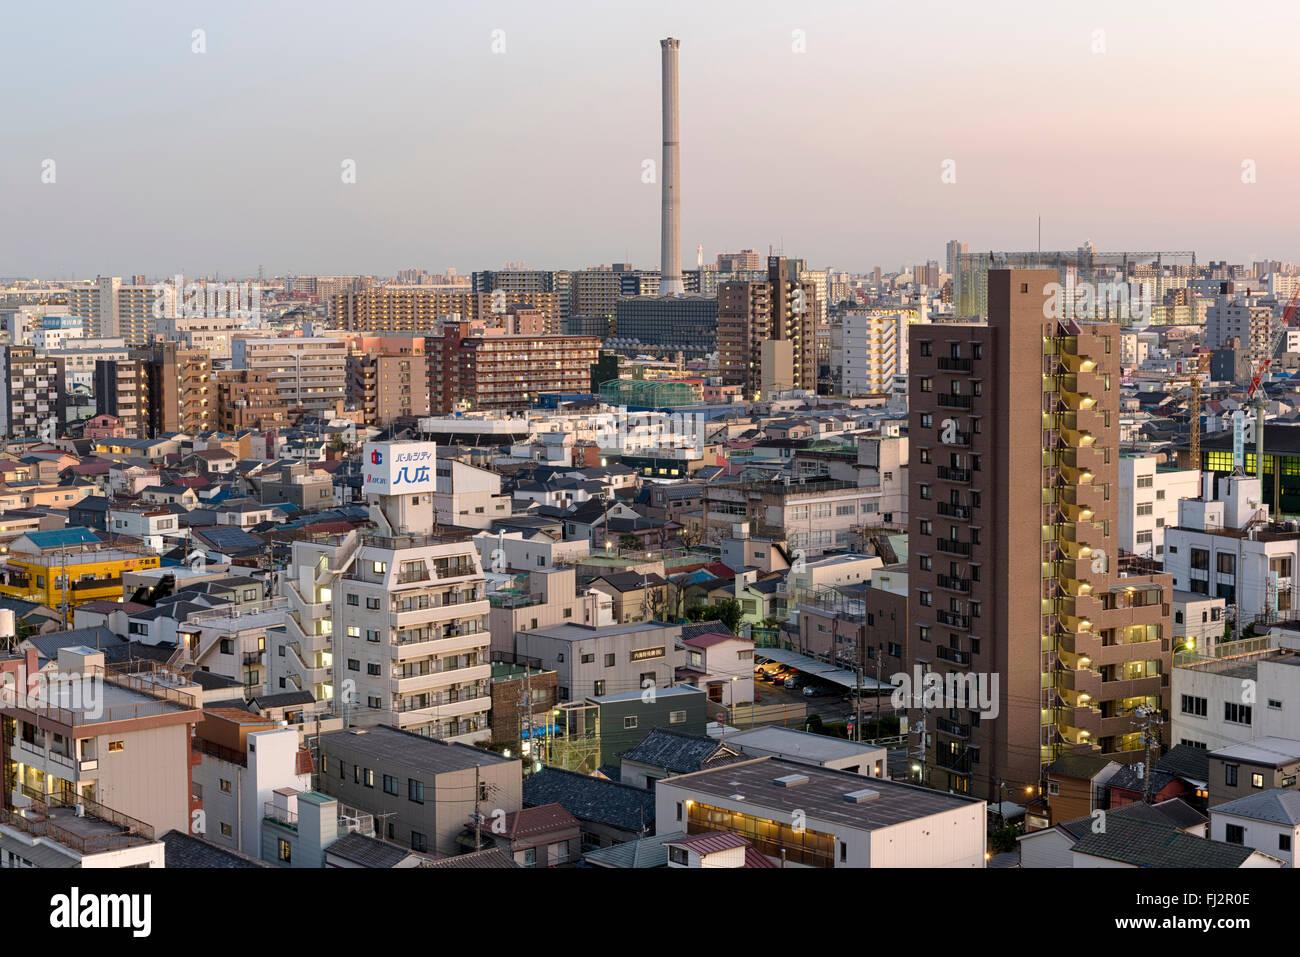 Gesamtansicht der Skyline von Asakusa in Tokyo, Japan. Stockbild